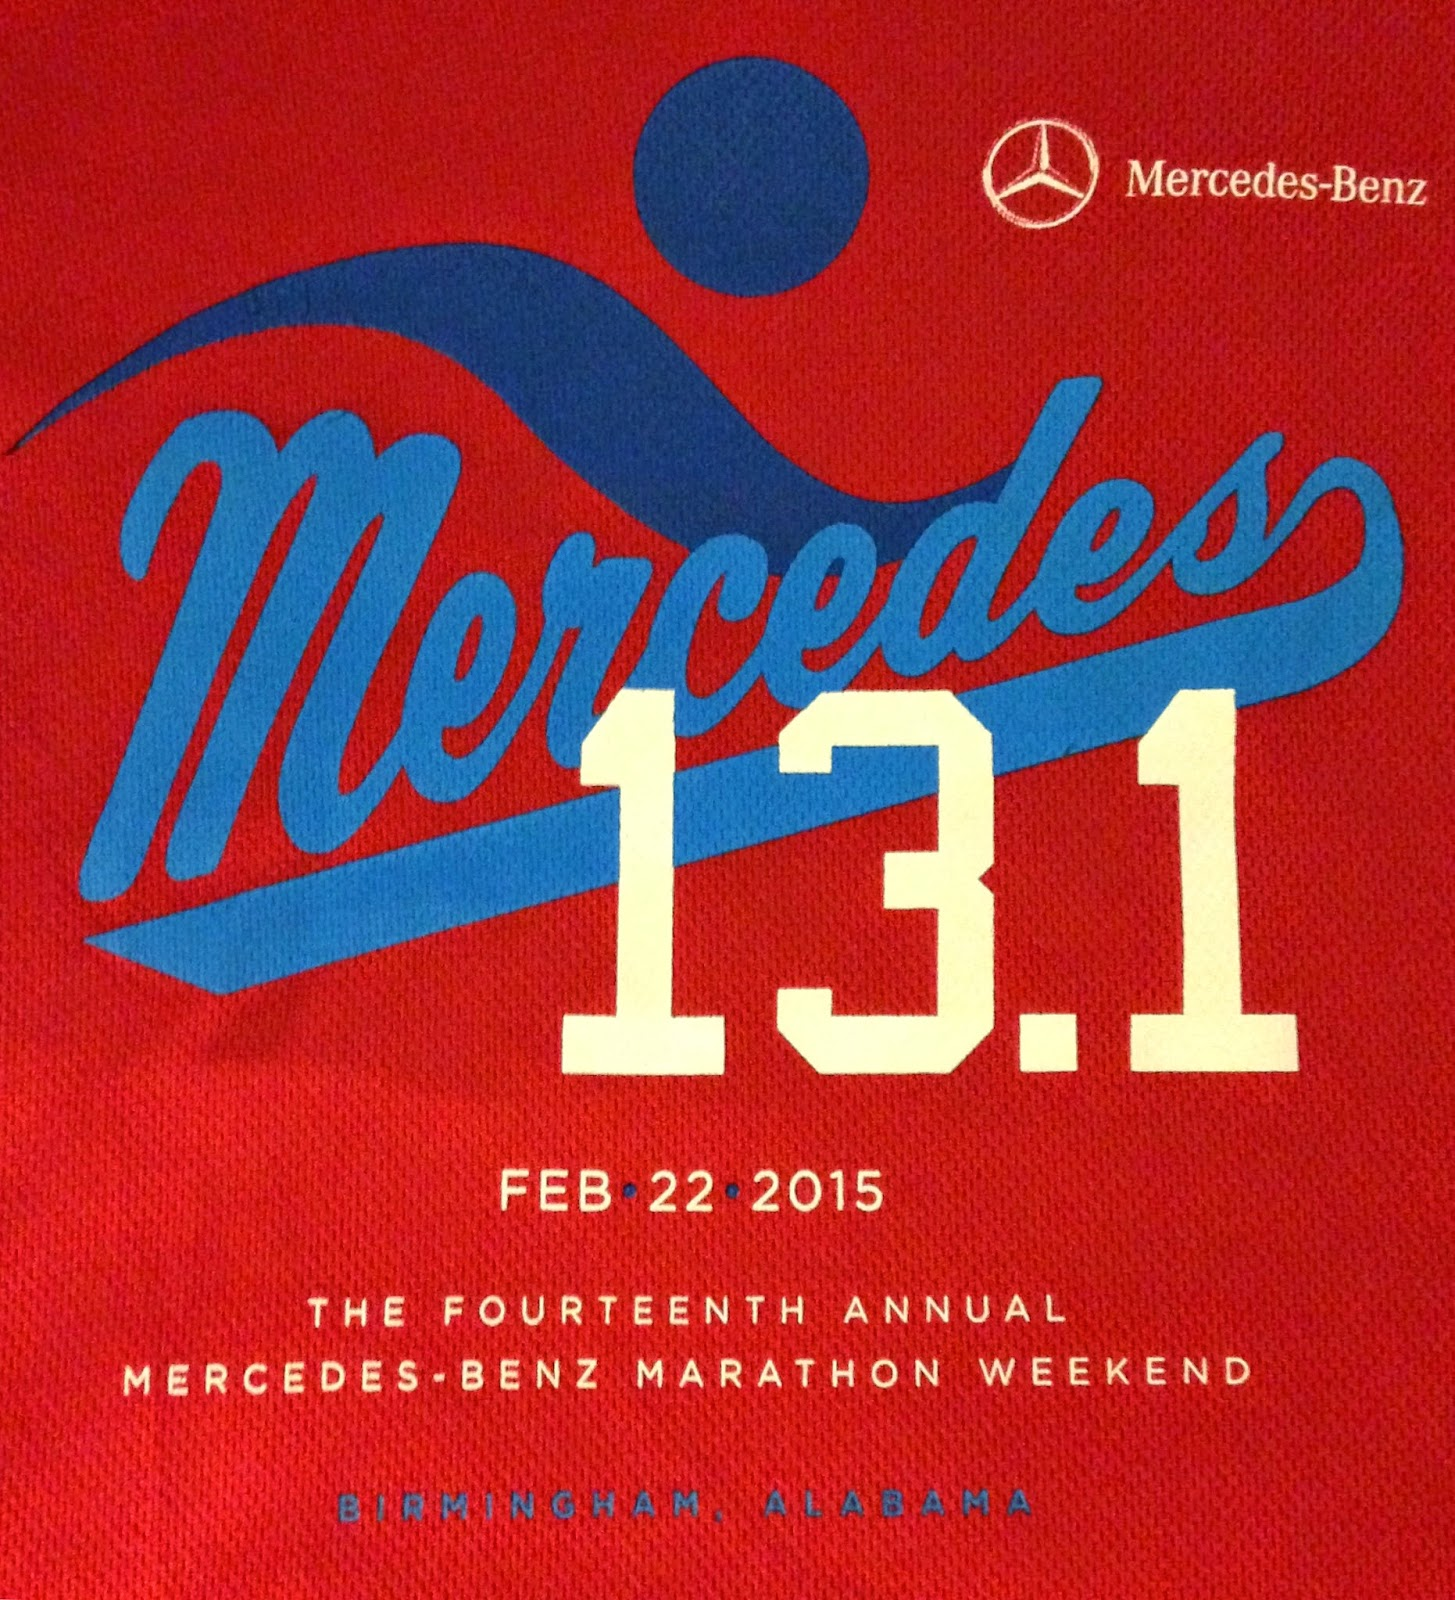 Hoho runs mercedes half marathon recap weekend update for Mercedes benz half marathon